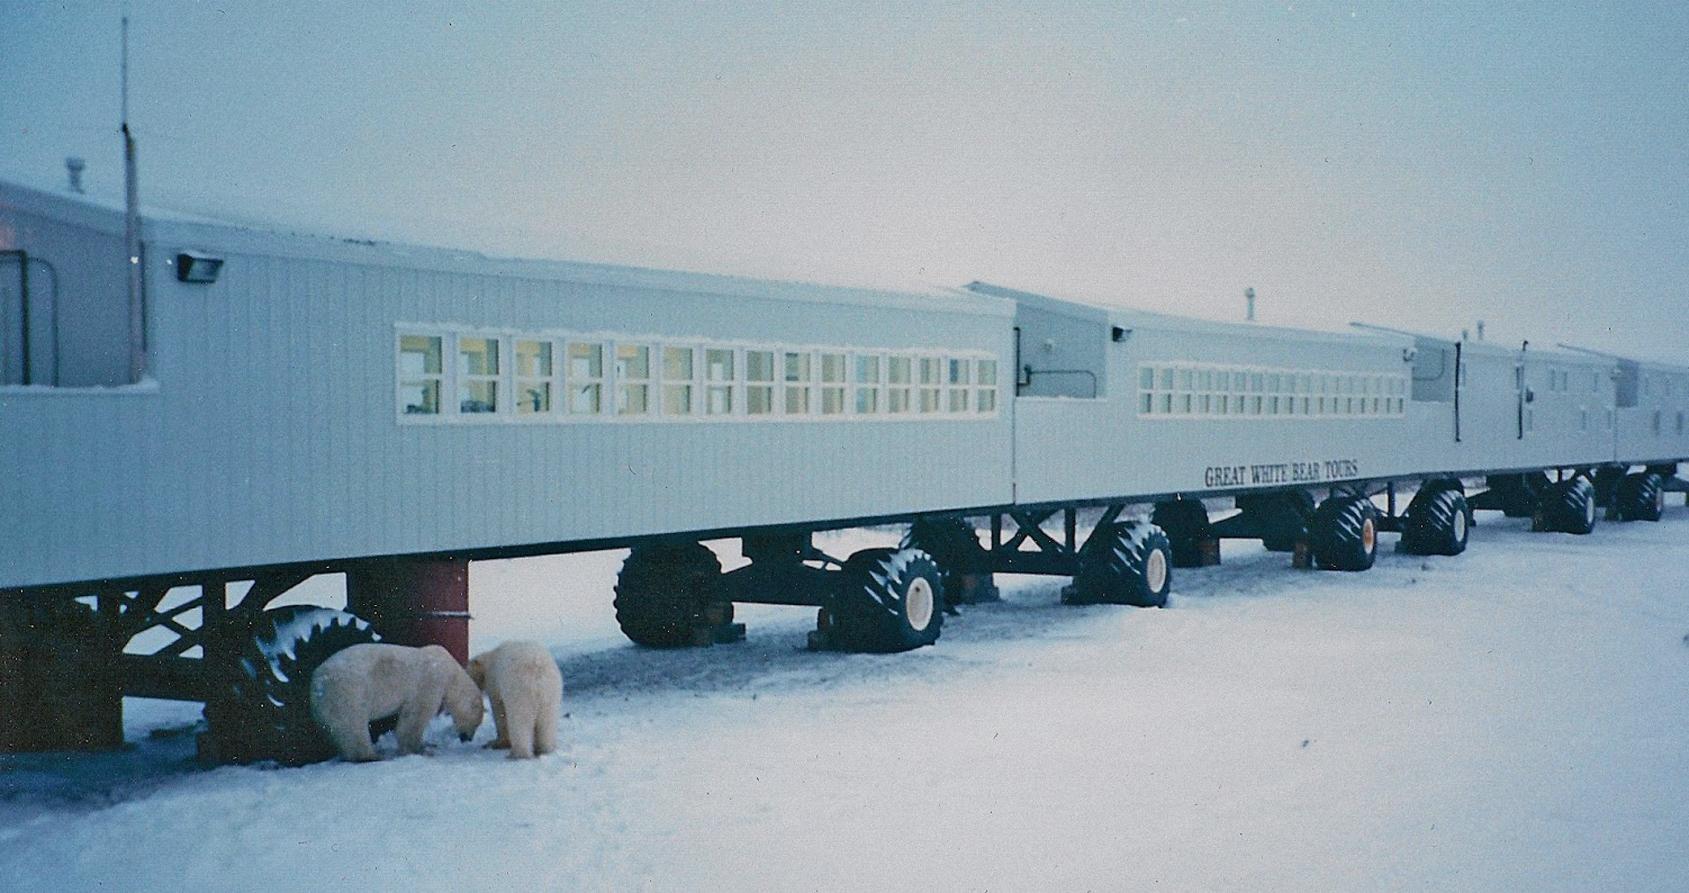 Cette ville compte plus d'ours polaires que d'habitants